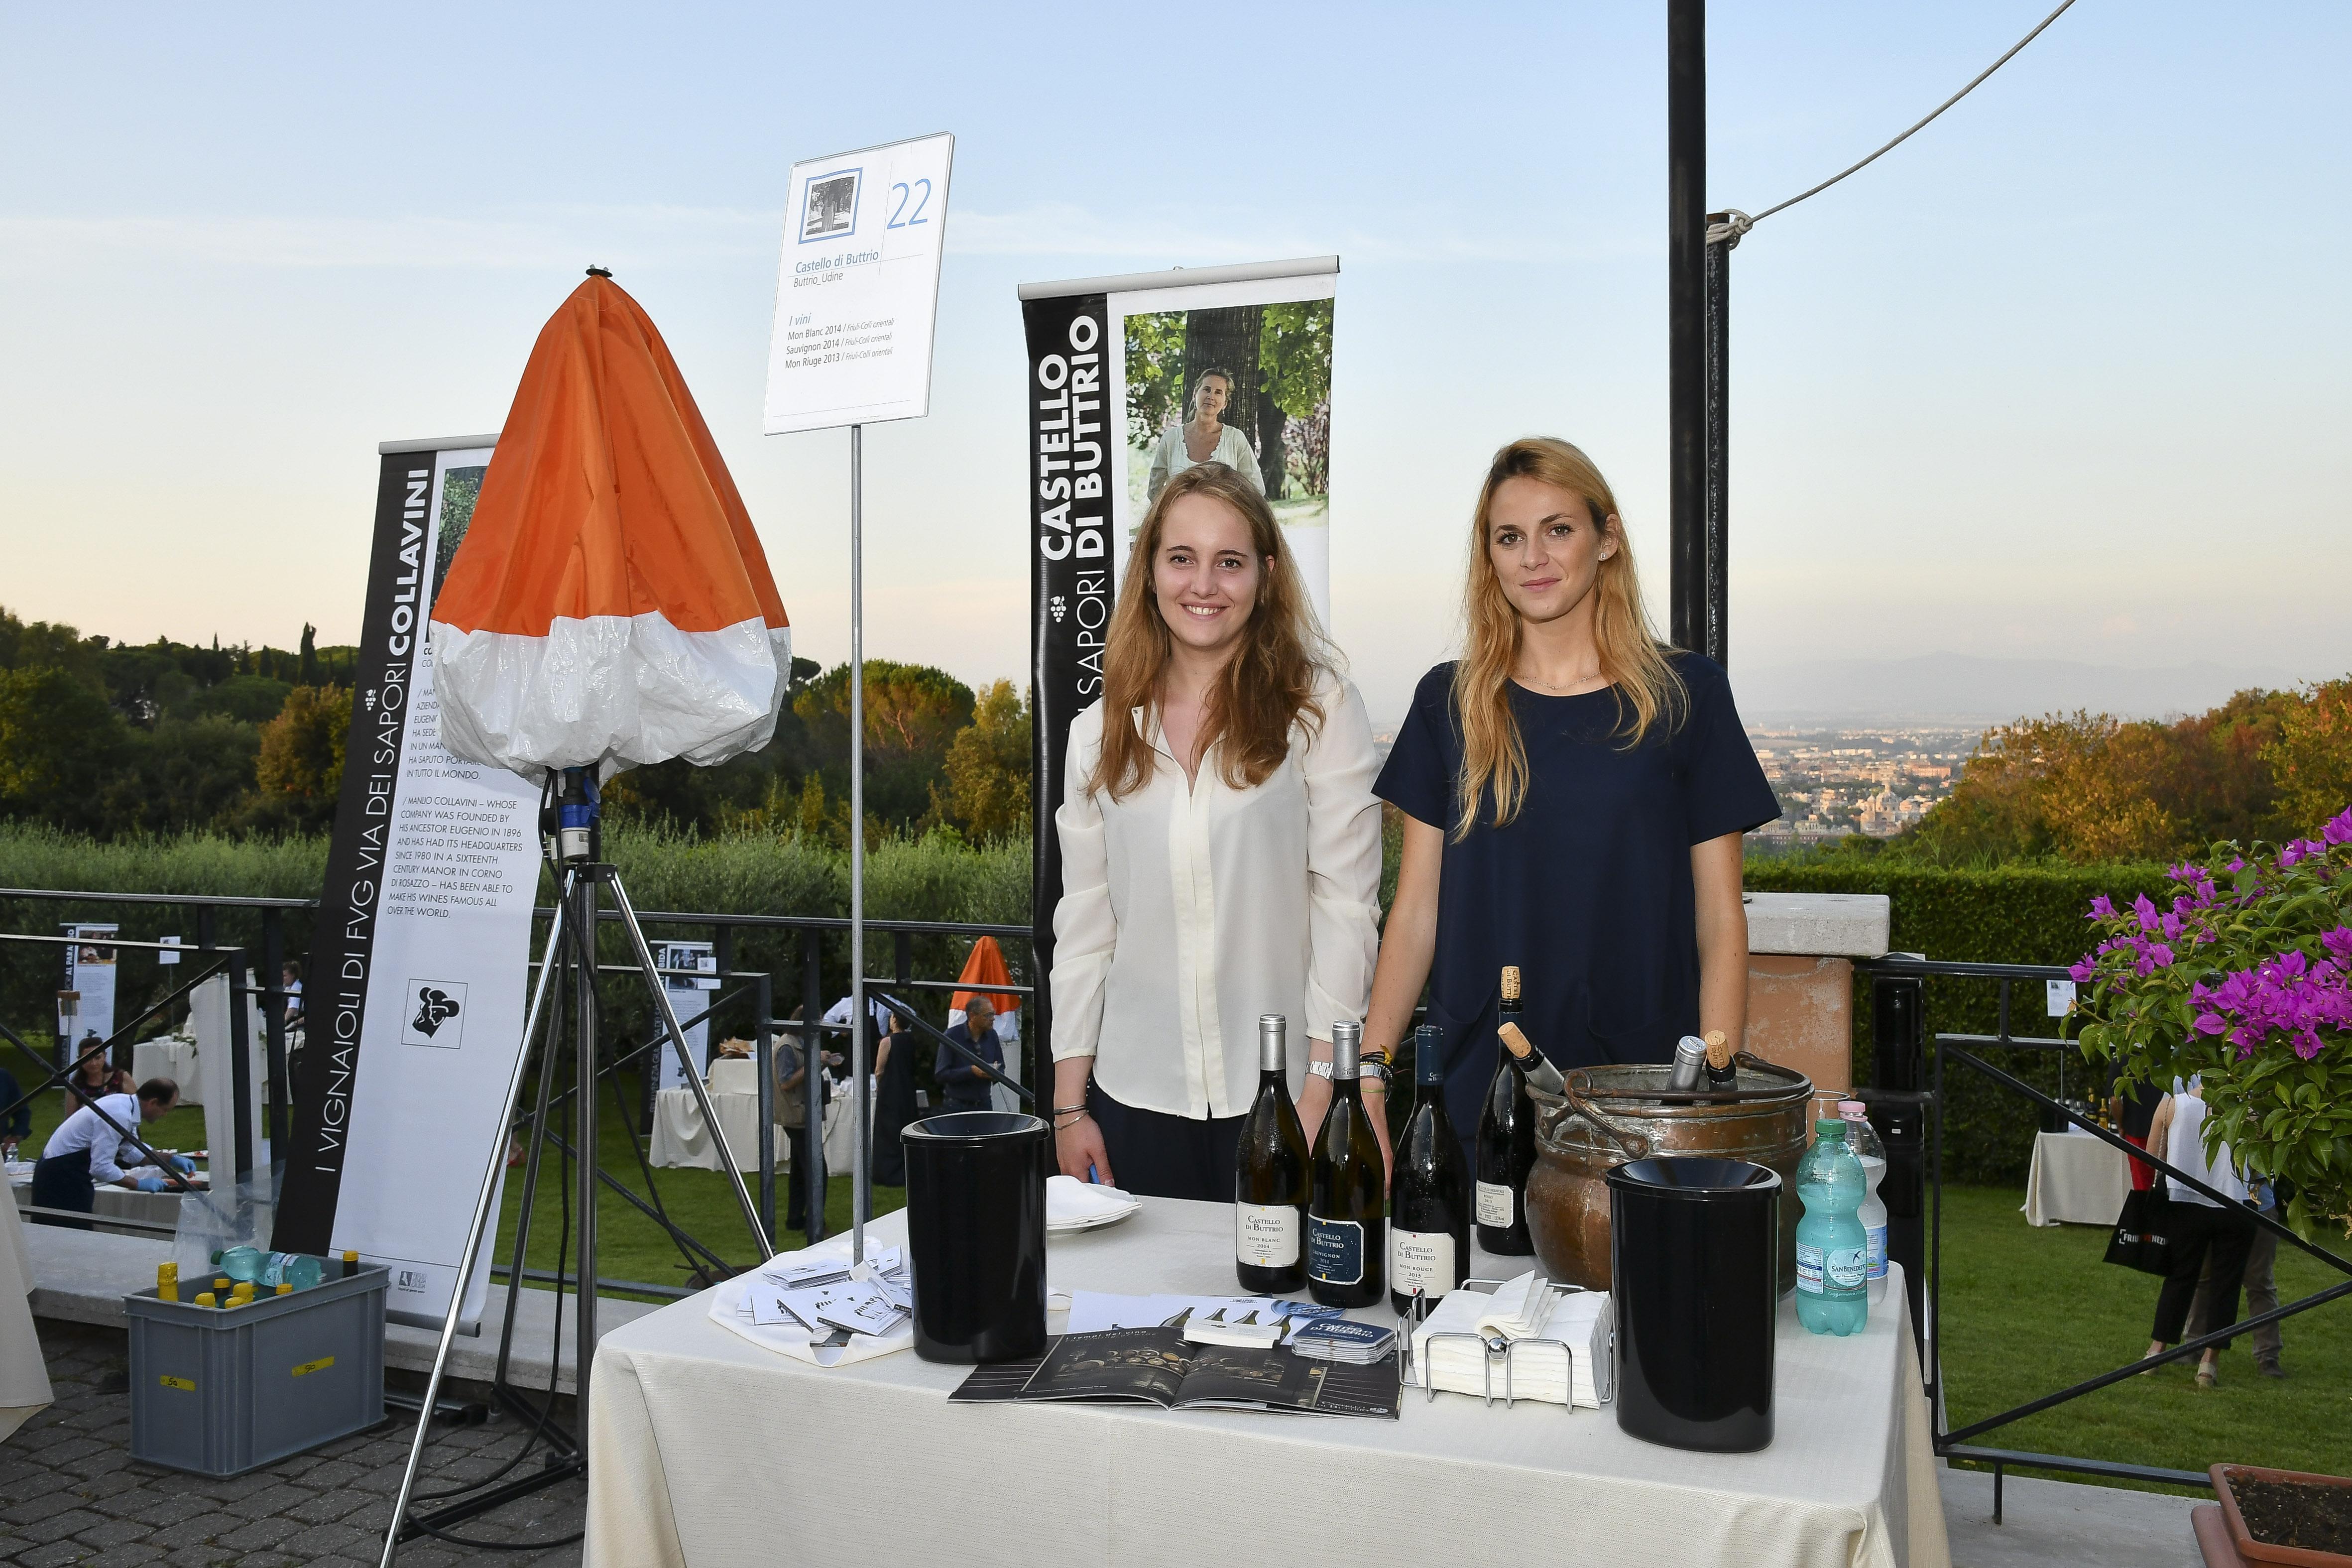 I Solisti del Gusto a Roma - Il Consorzio Friuli Venezia Giulia- Via dei Sapori conferma di un format vincente